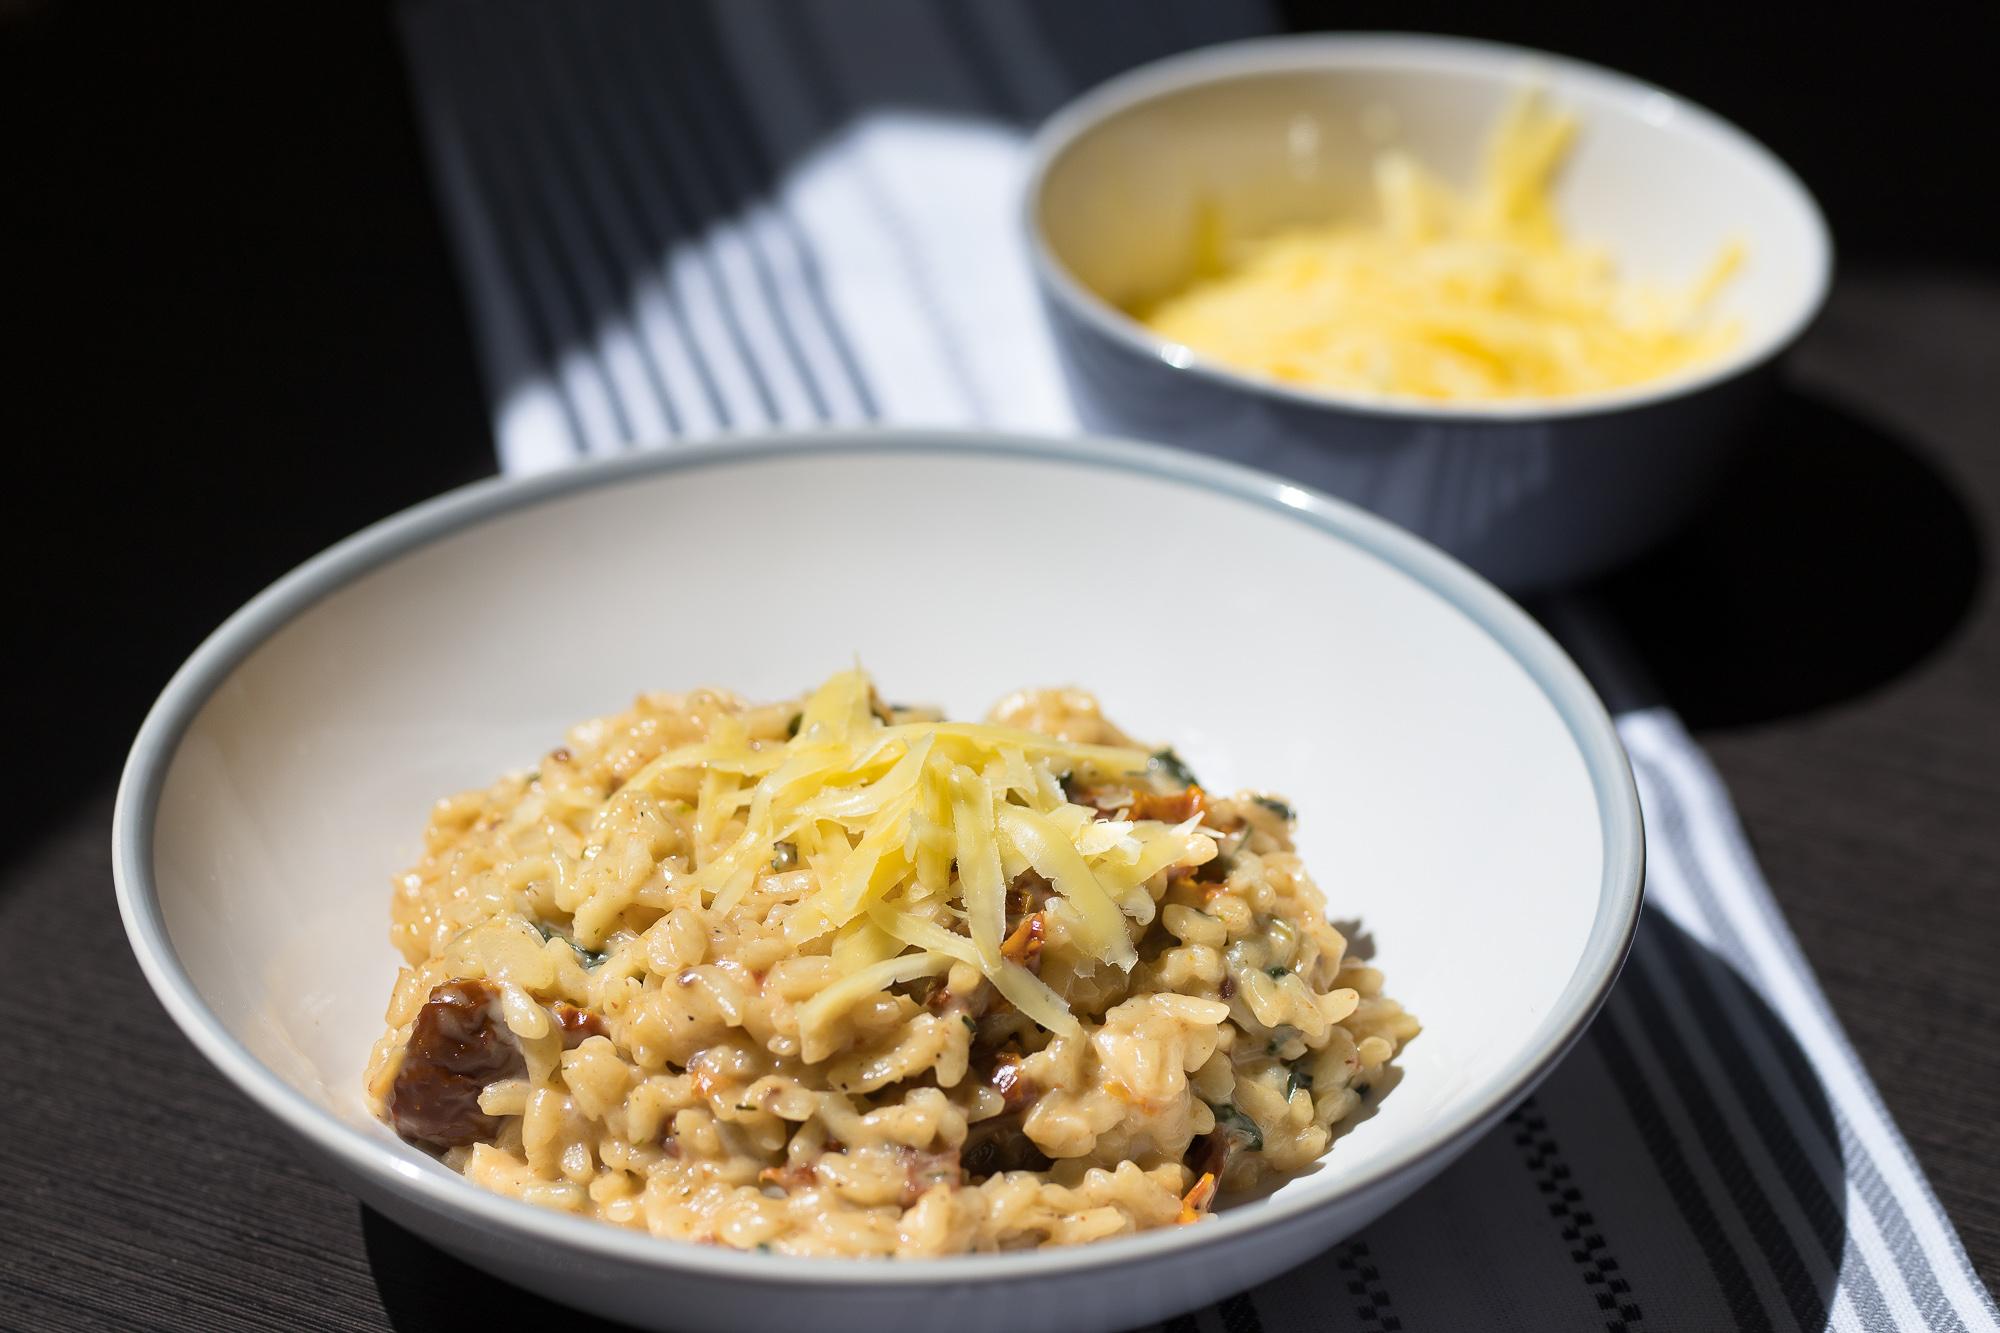 Talianske krémové rizoto so sušenými paradajkami a listami špenátu.